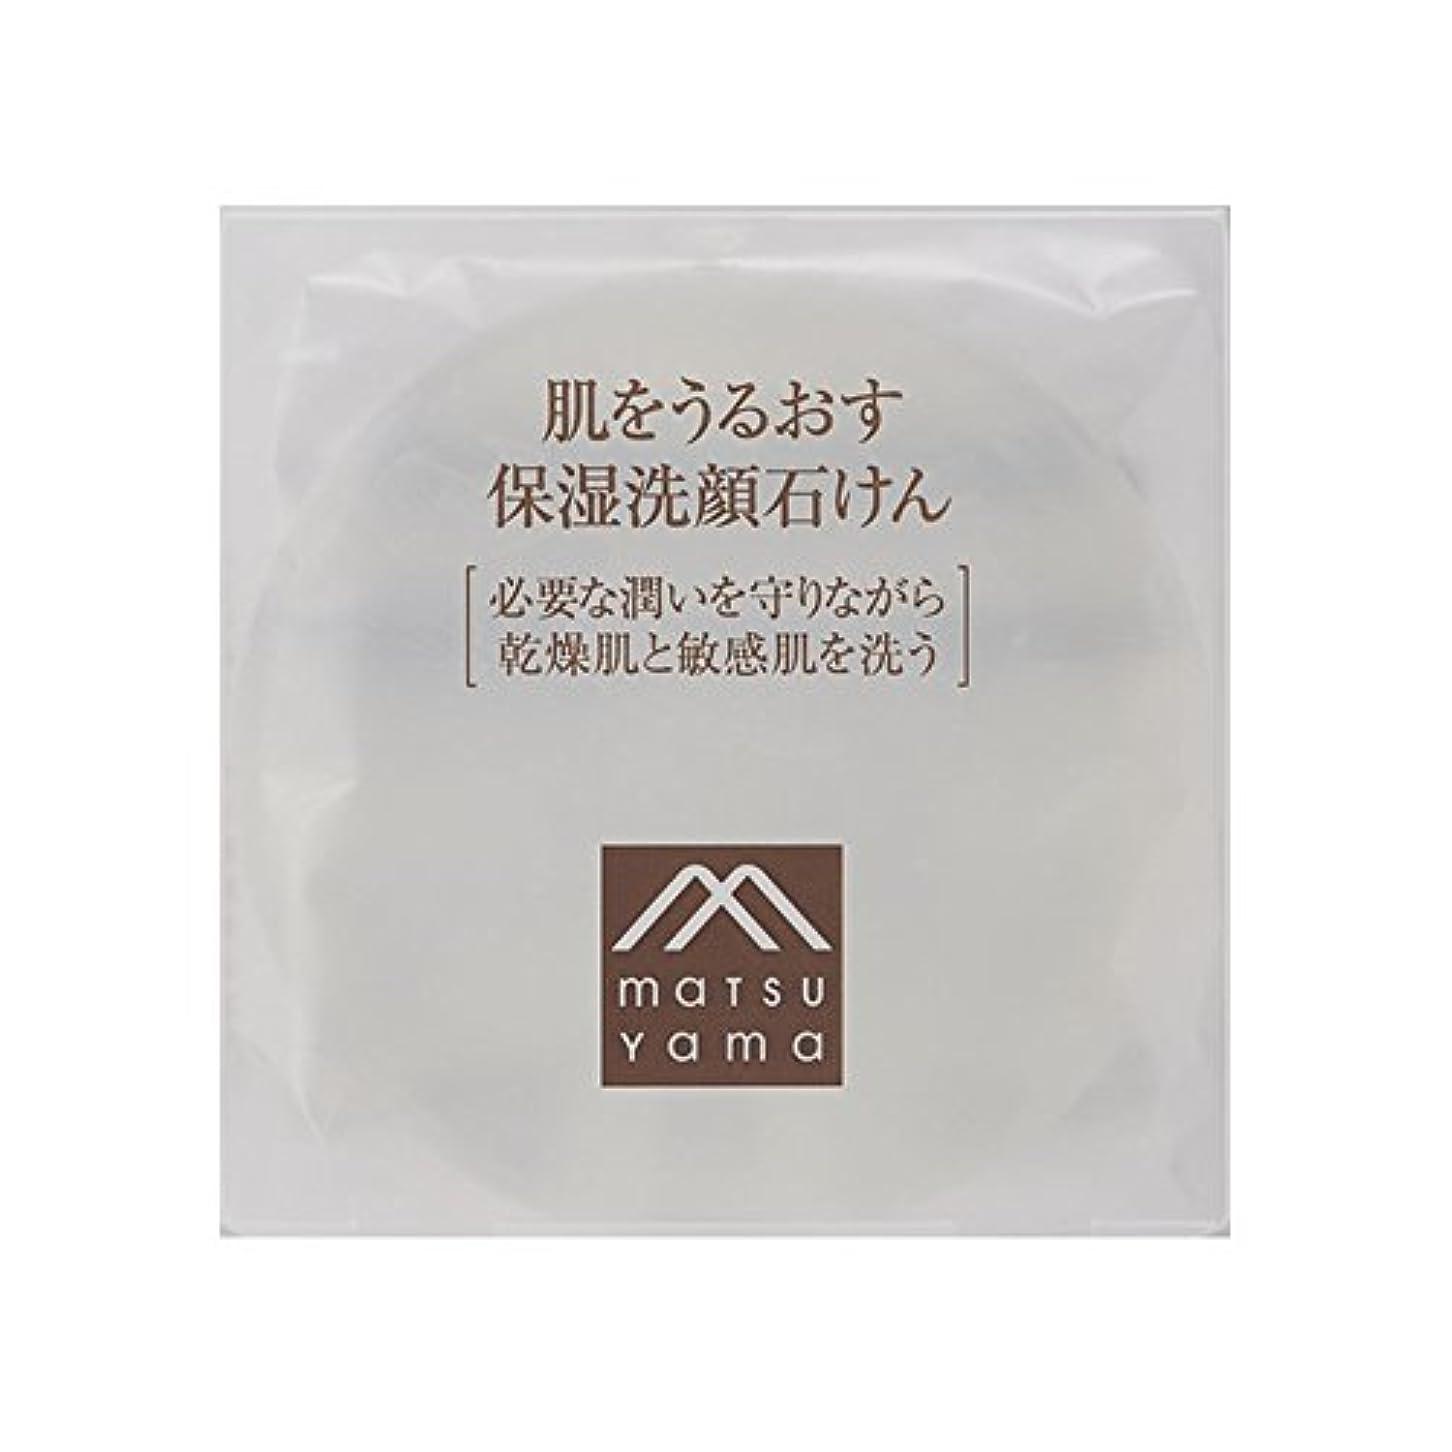 チャレンジ比較的トチの実の木肌をうるおす保湿洗顔石けん(洗顔料) [乾燥肌 敏感肌]